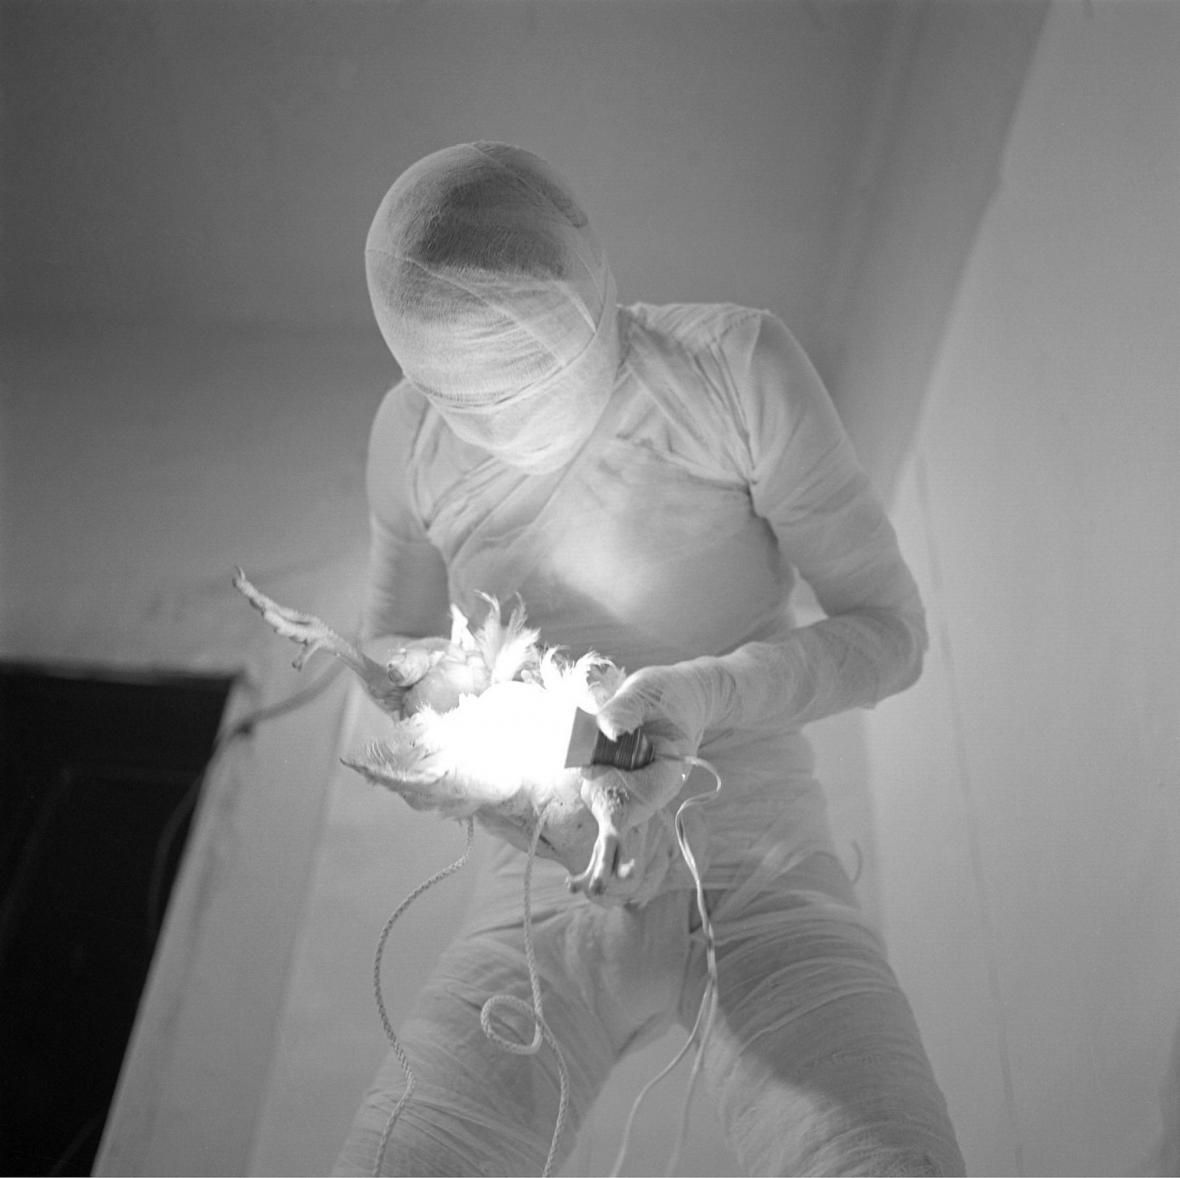 Rudolf Schwarzkögler / Tři akce s lidským tělem, 1965